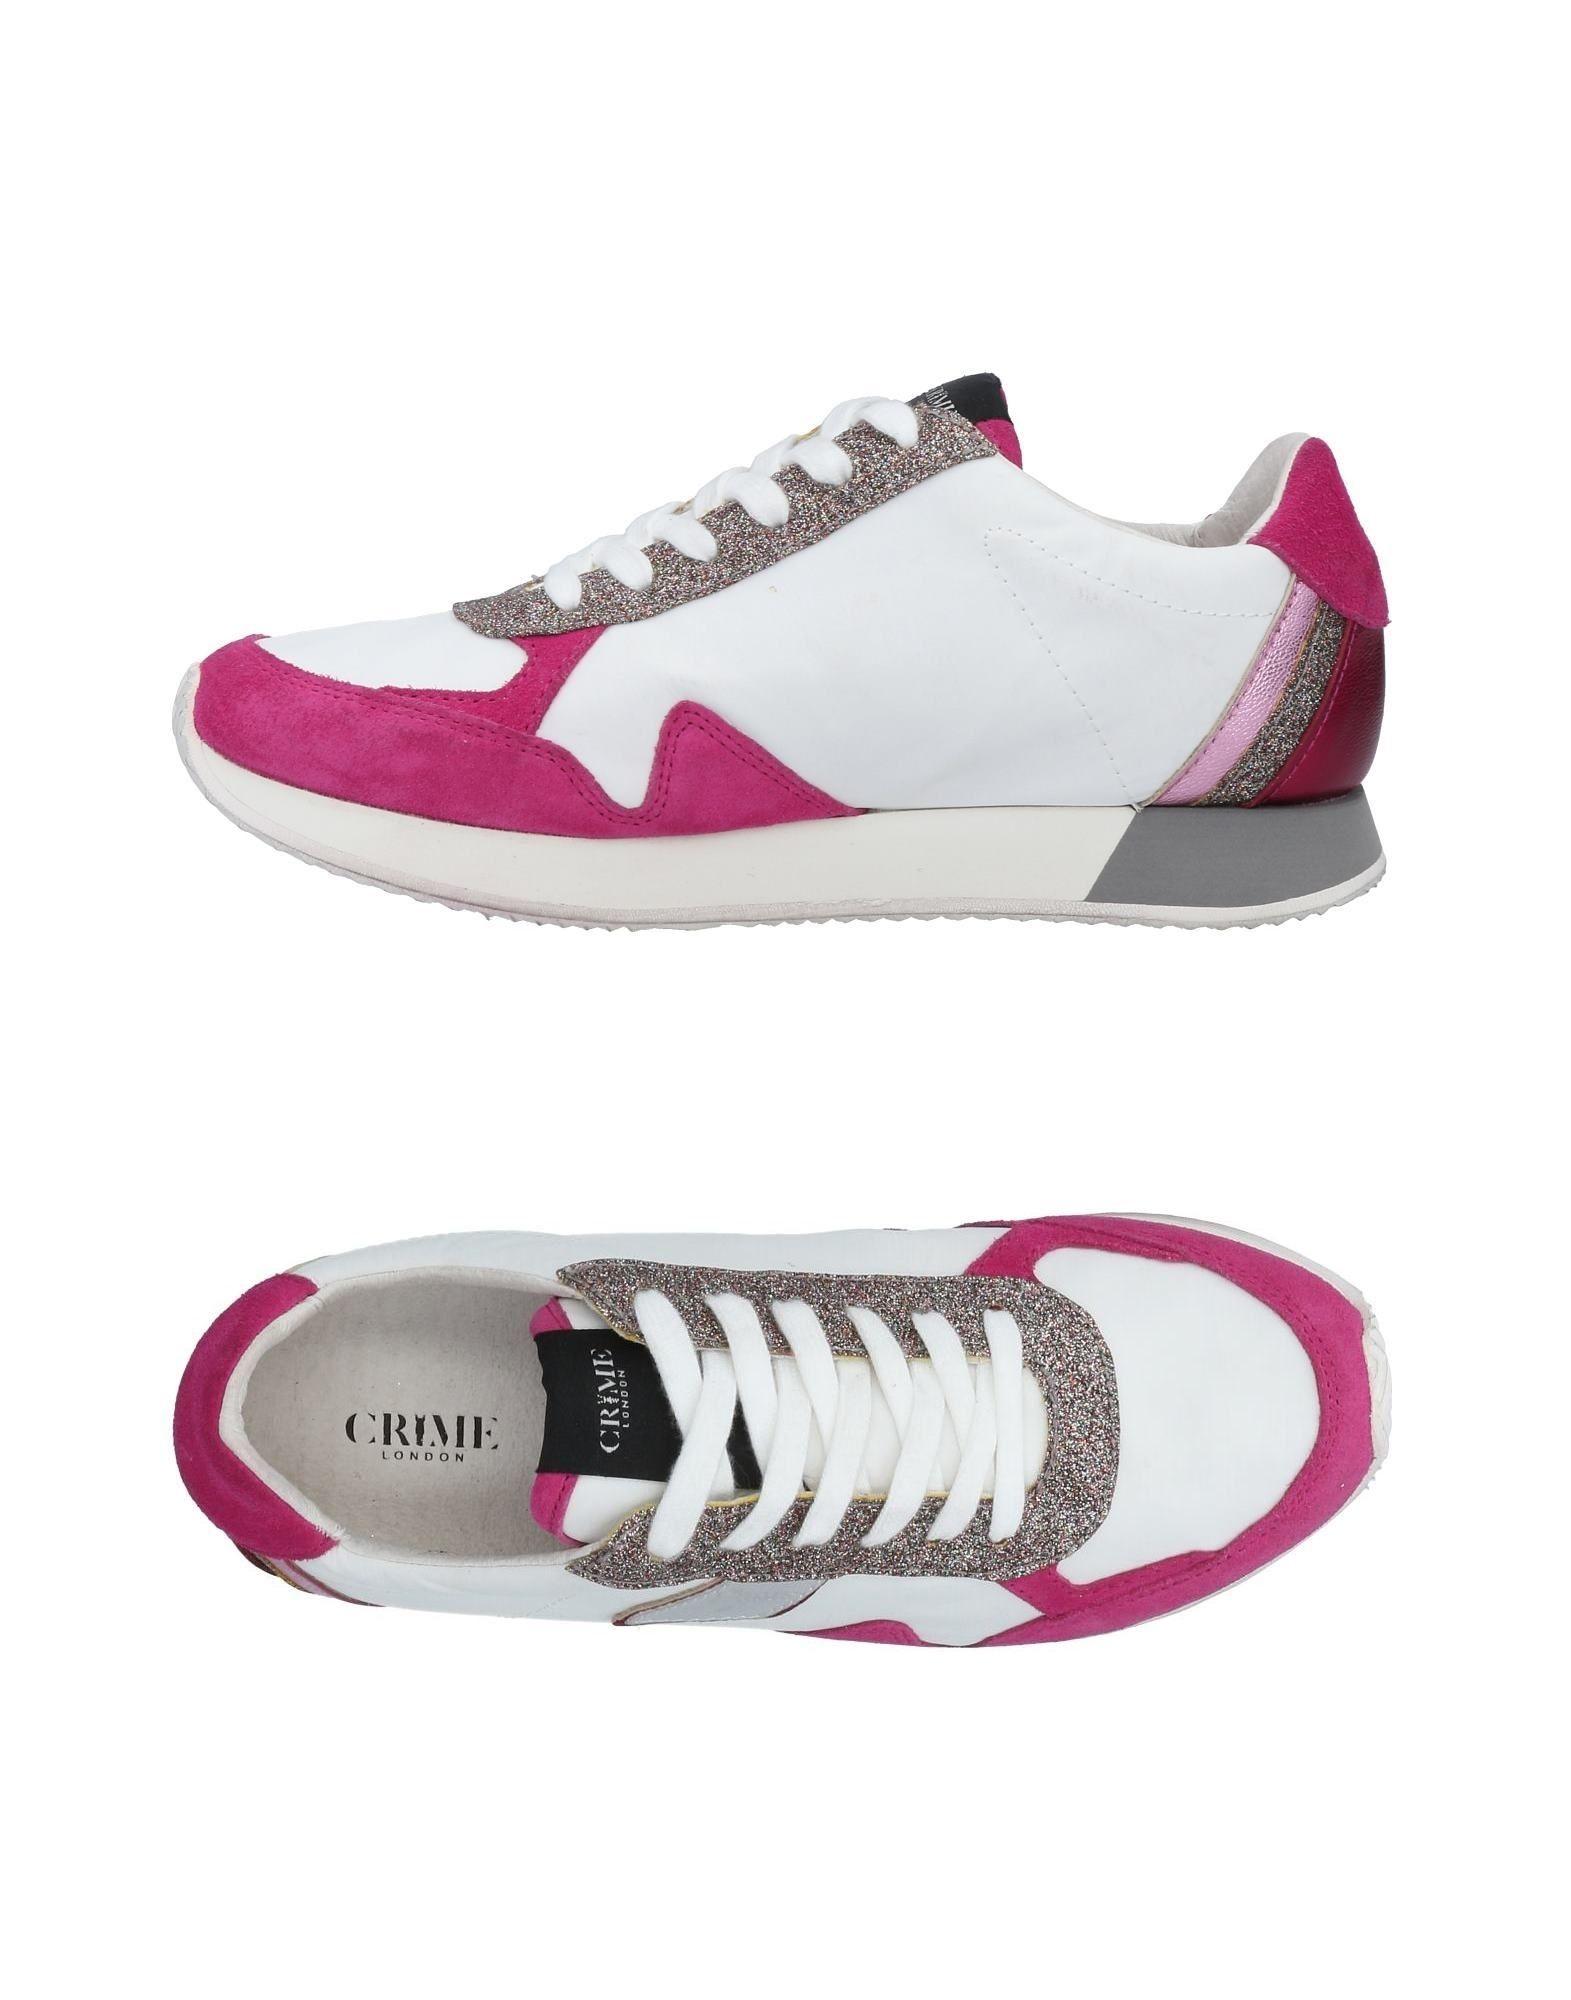 Crime London Sneakers Damen beliebte  11493200GO Gute Qualität beliebte Damen Schuhe 5994e4